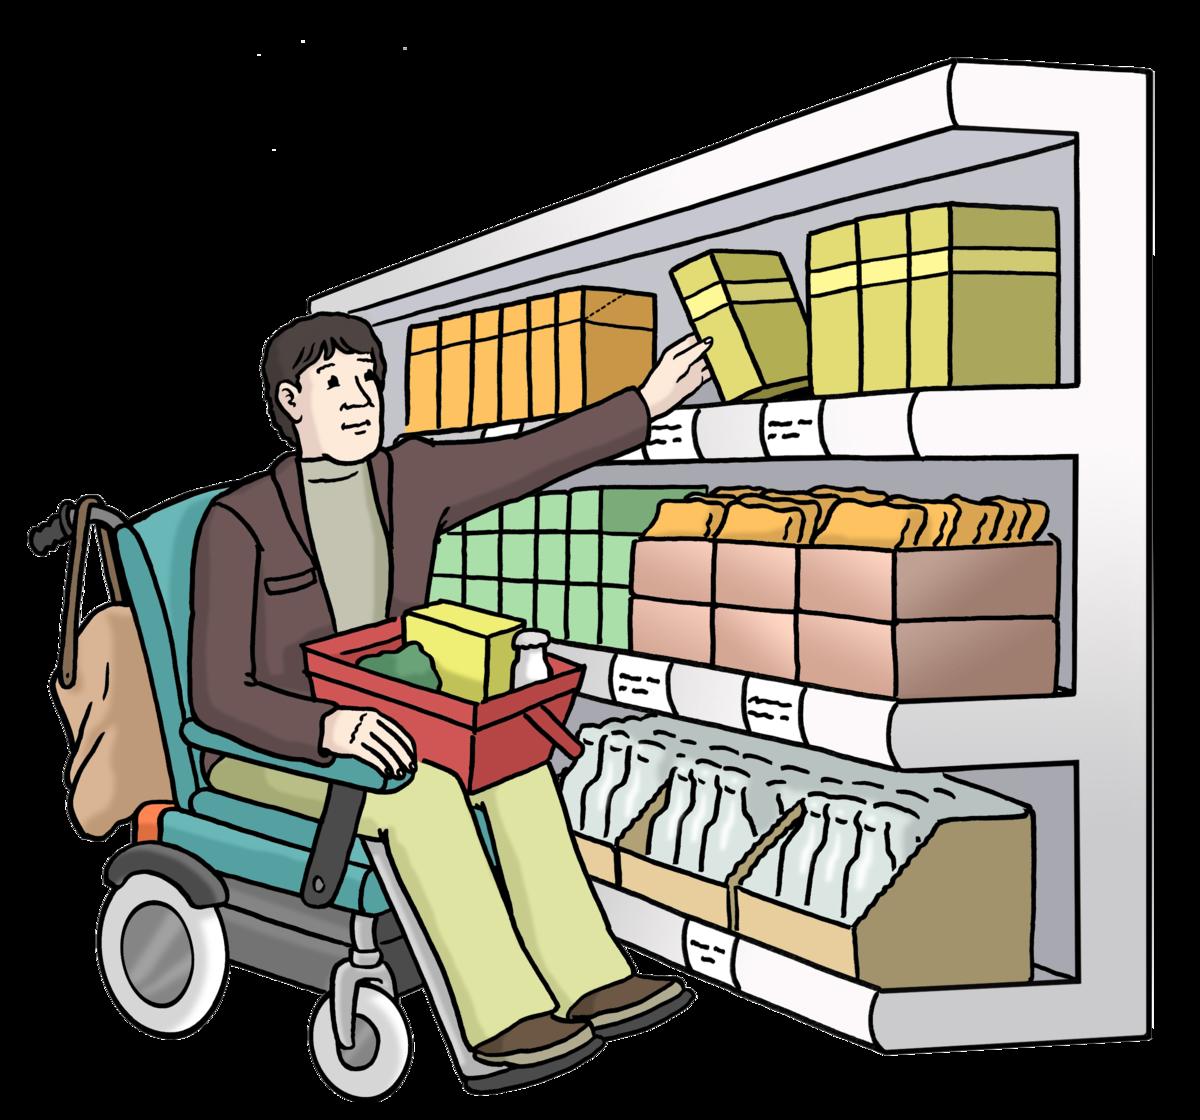 Zeichnung von einem Mann im Rollstuhl, der eine Box aus einem Einkaufsregal holt